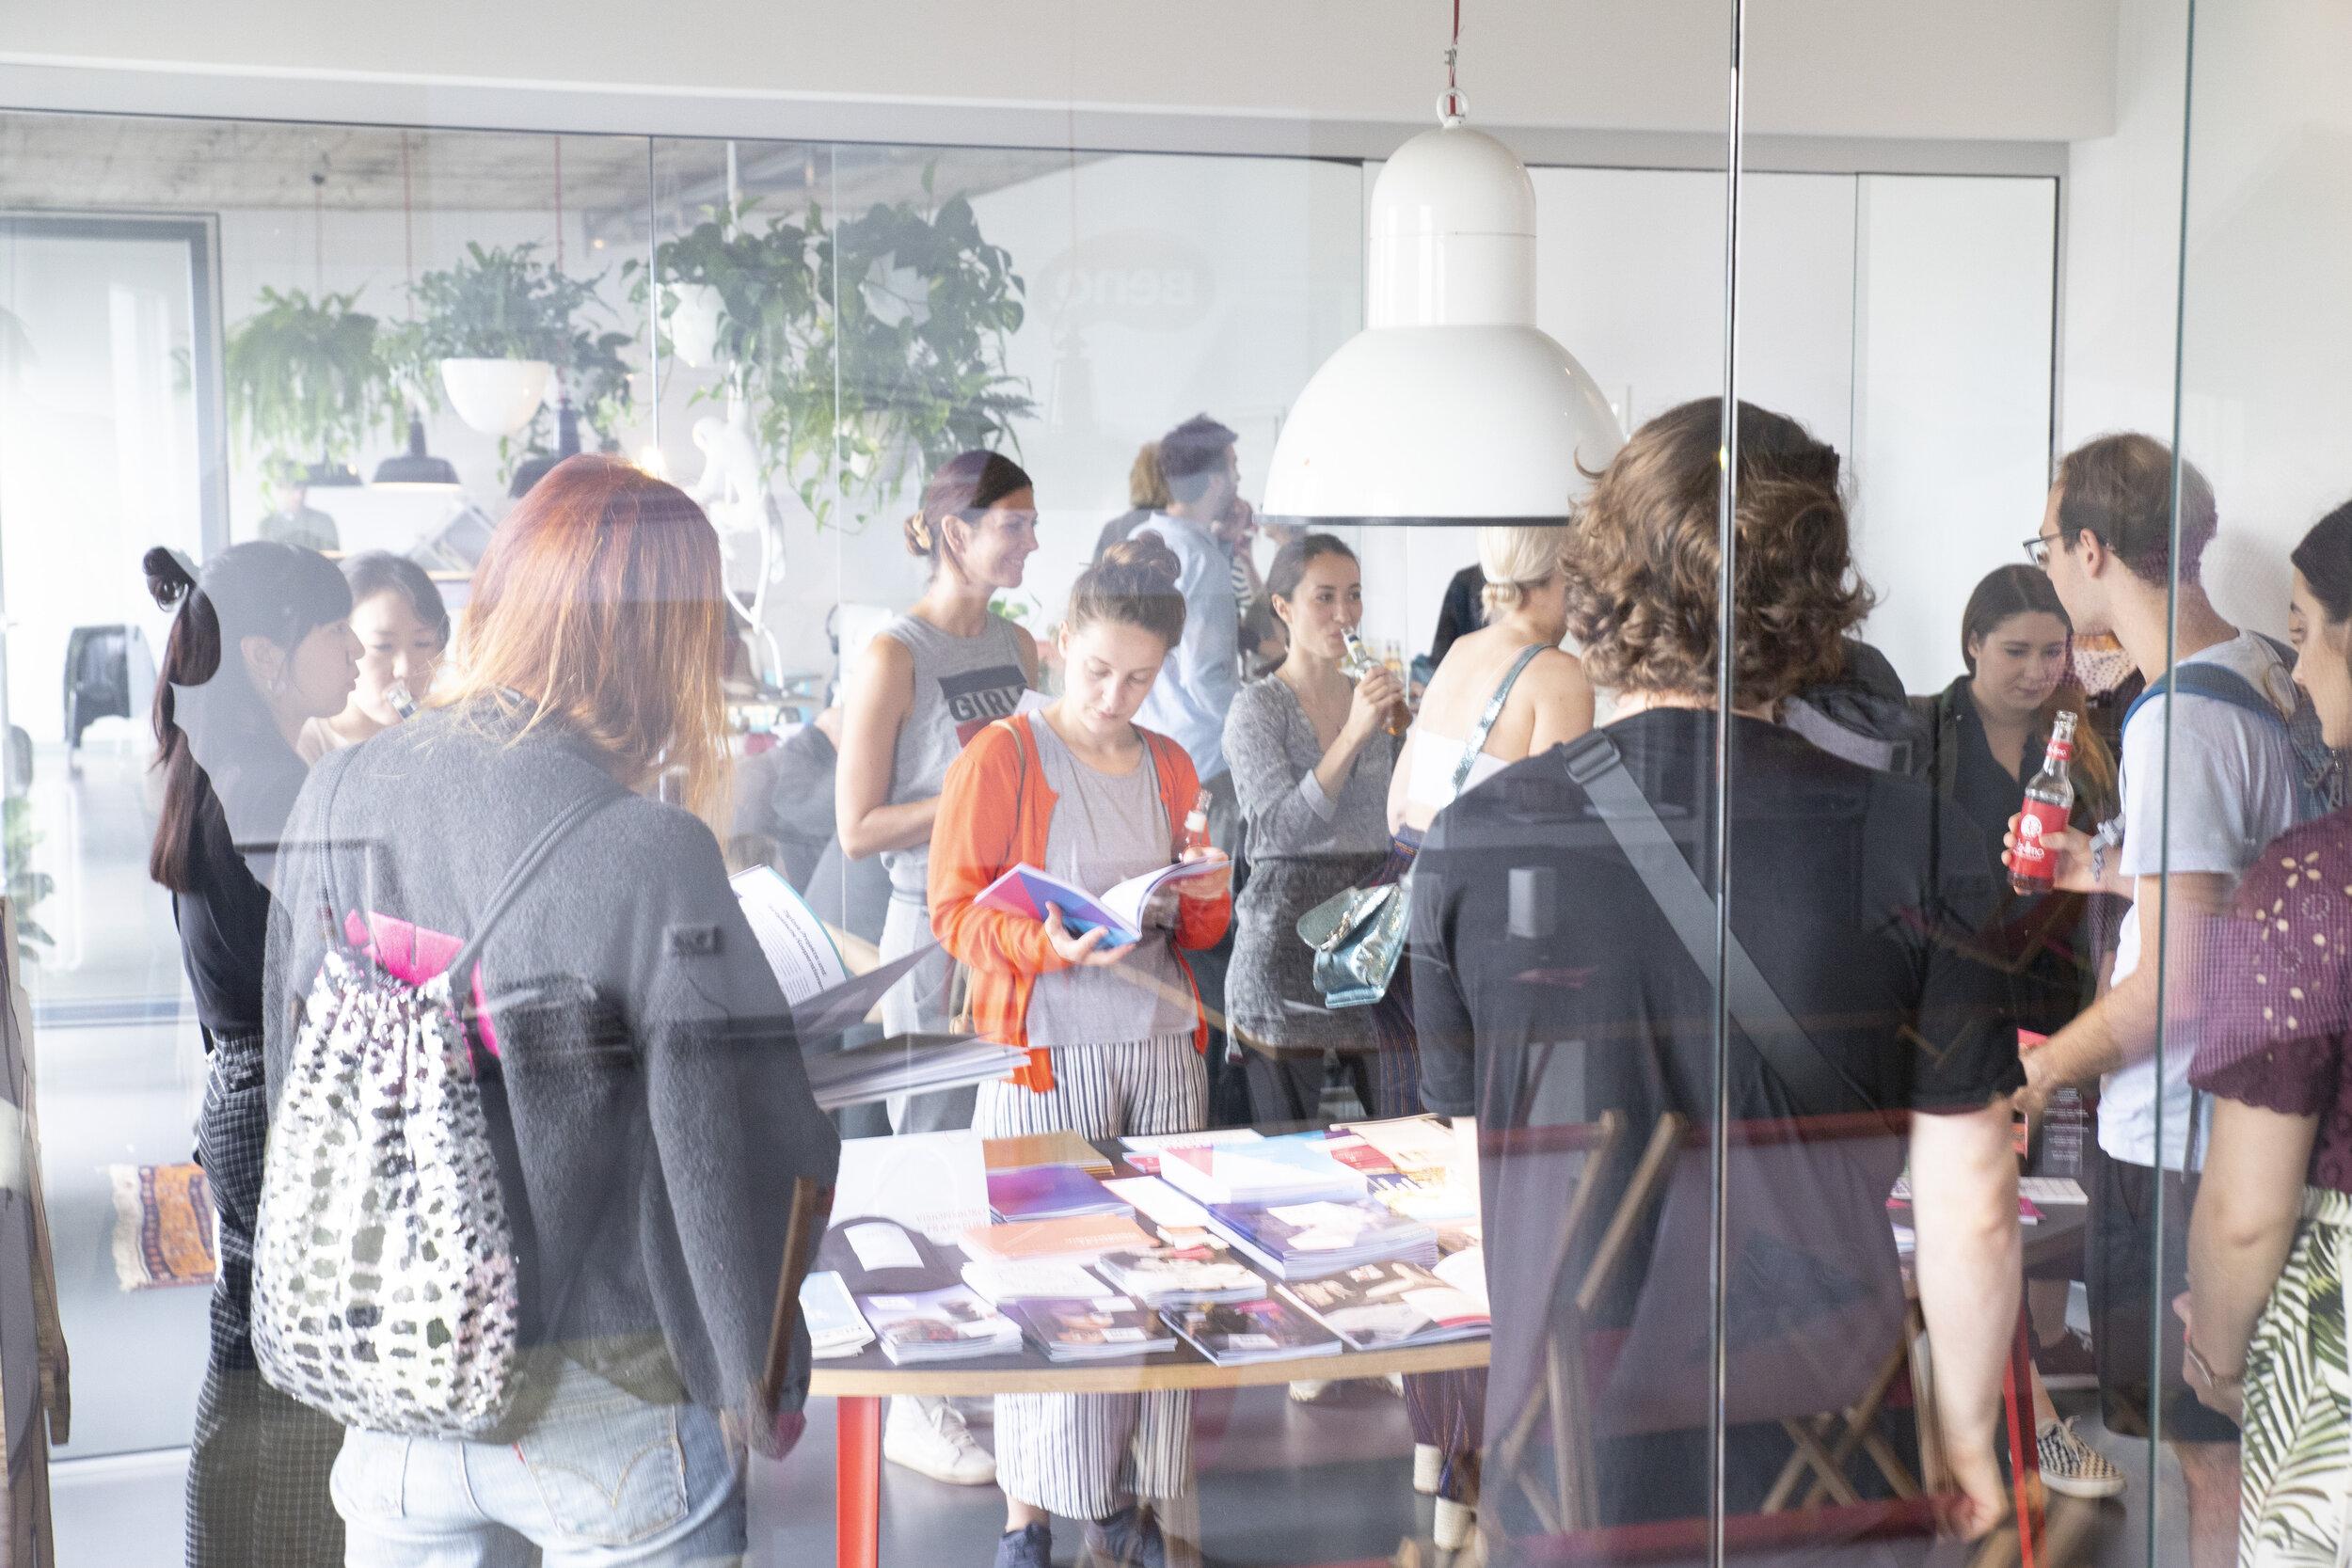 Initiative - Du würdest gerne bei Urban Media Project anfangen? Bei uns sind starke Initiativbewerbungen immer willkommen. Du gestaltest, hast ein Gespür für Strategie, Kundenbeziehungen und Arbeitsabläufe? Dann schicke uns dein Anschreiben mit den wichtigsten Fakten (was, wie, wann, wo und für wie viel) an Hanna Krüger: hk@urbanmediaproject.de